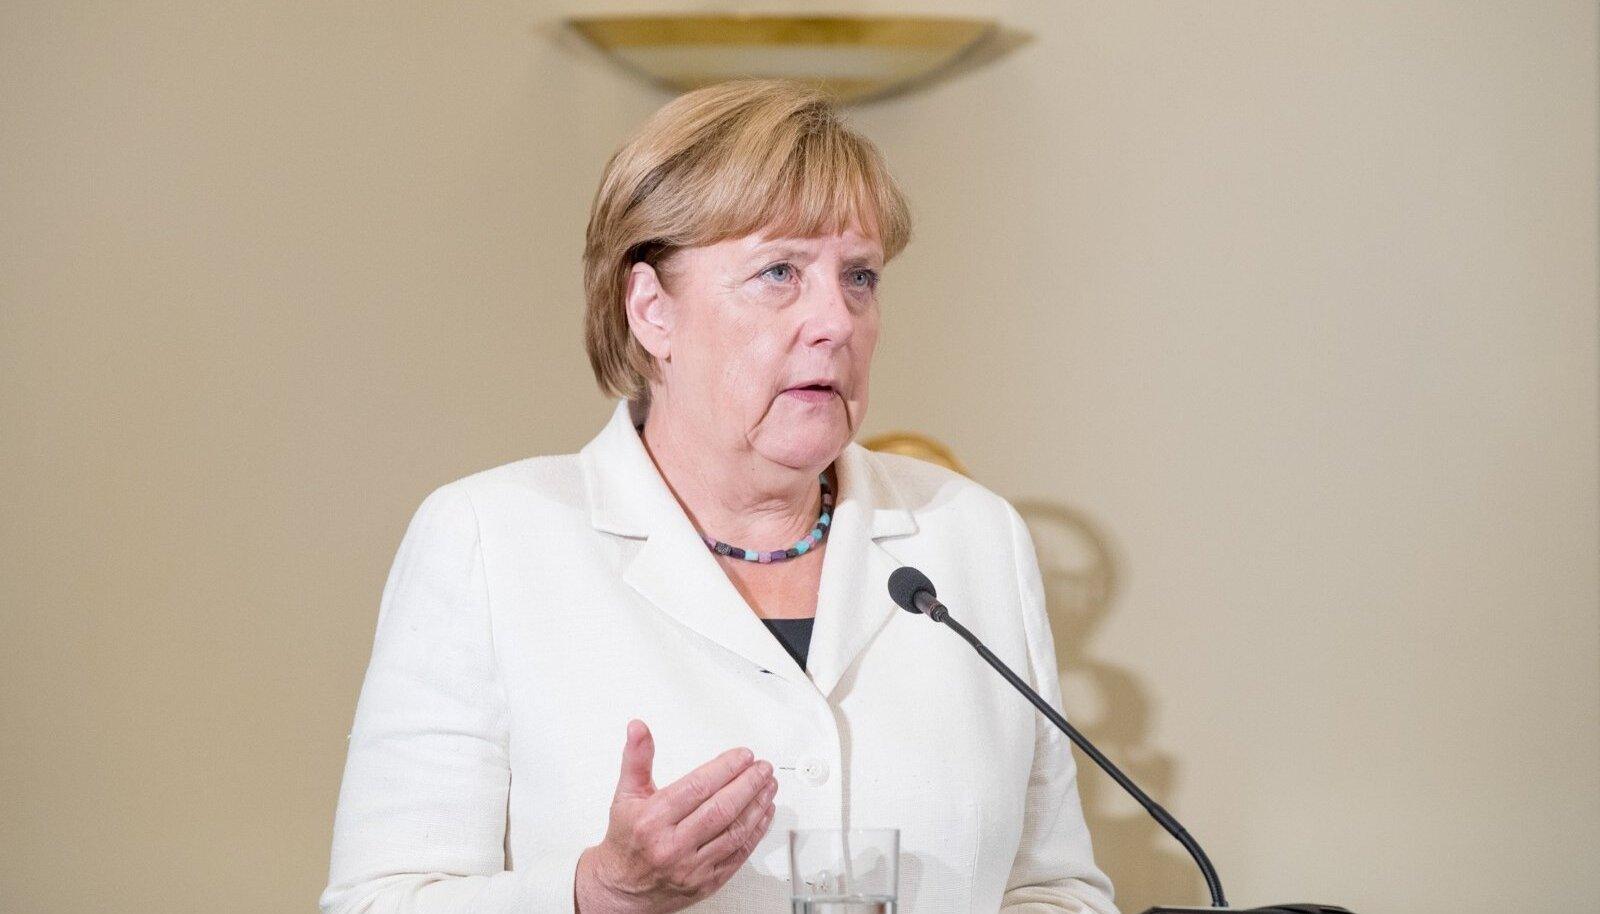 Saksamaa liidukantsleri Angela Merkeli ja peaminister Taavi Rõivase ühine pressikonverents 2016. aasta augustis